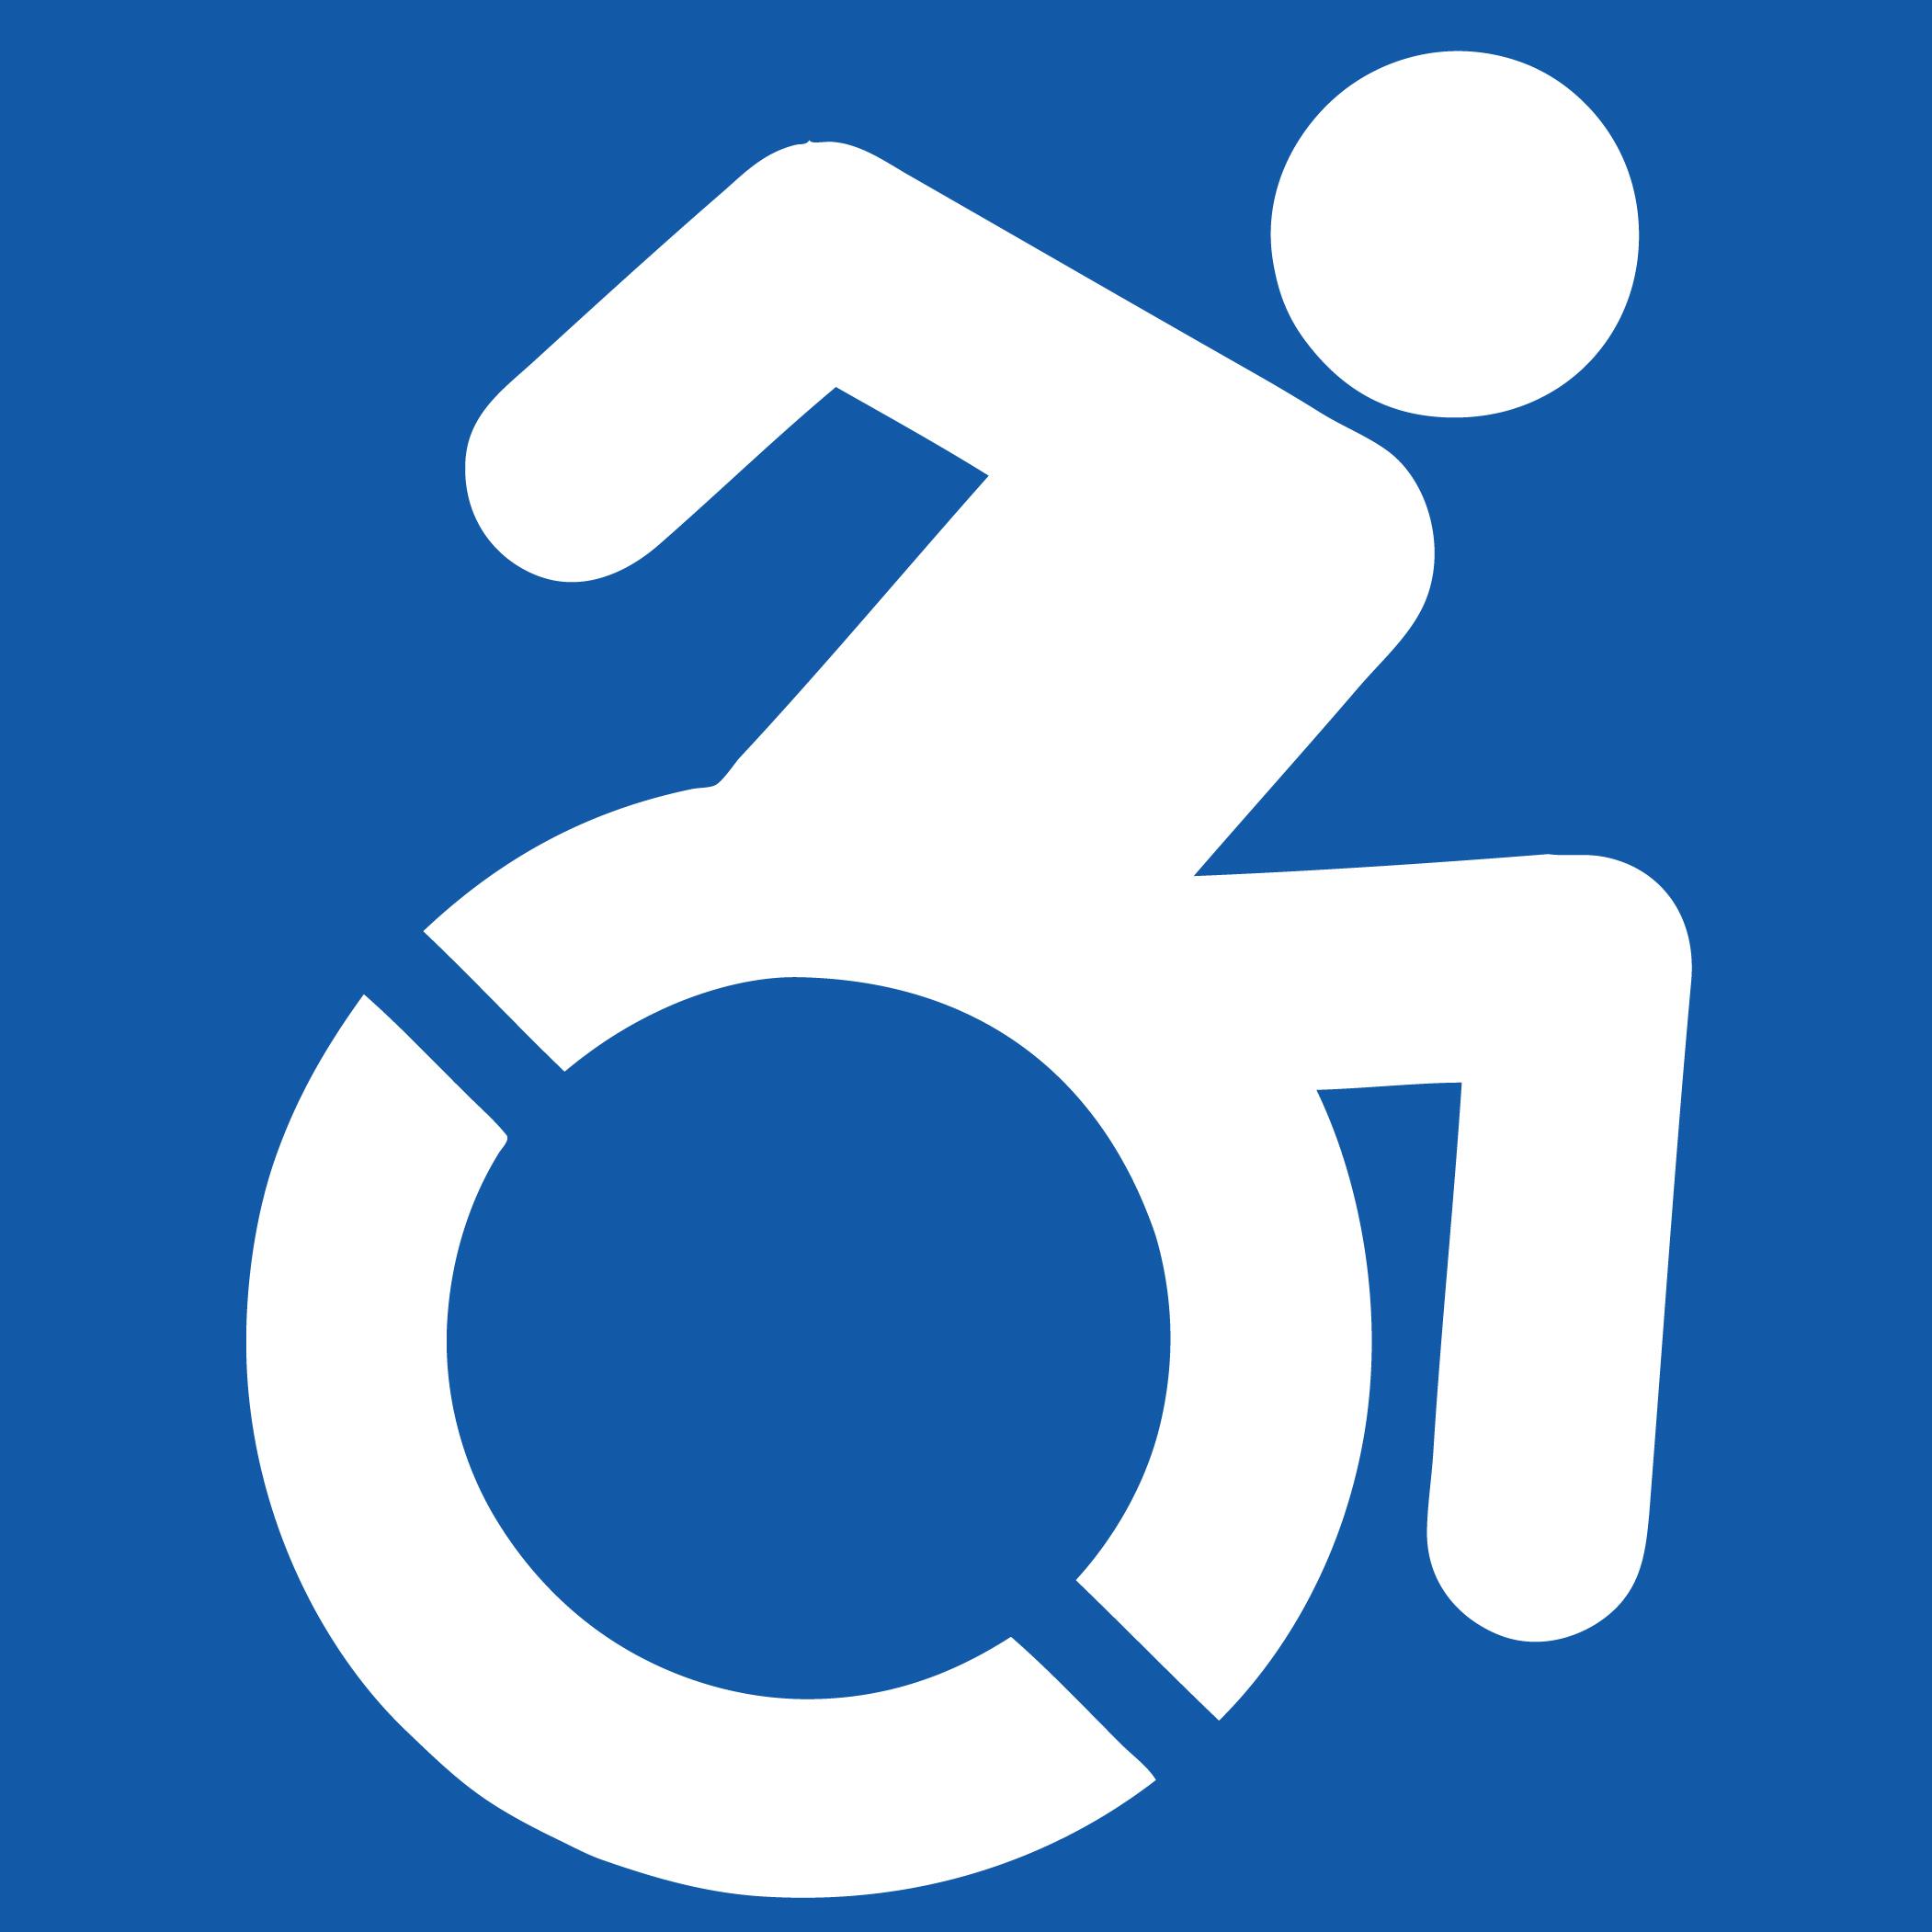 Neues Rollstuhlsymbol zeigt aktiveren Lebensstil